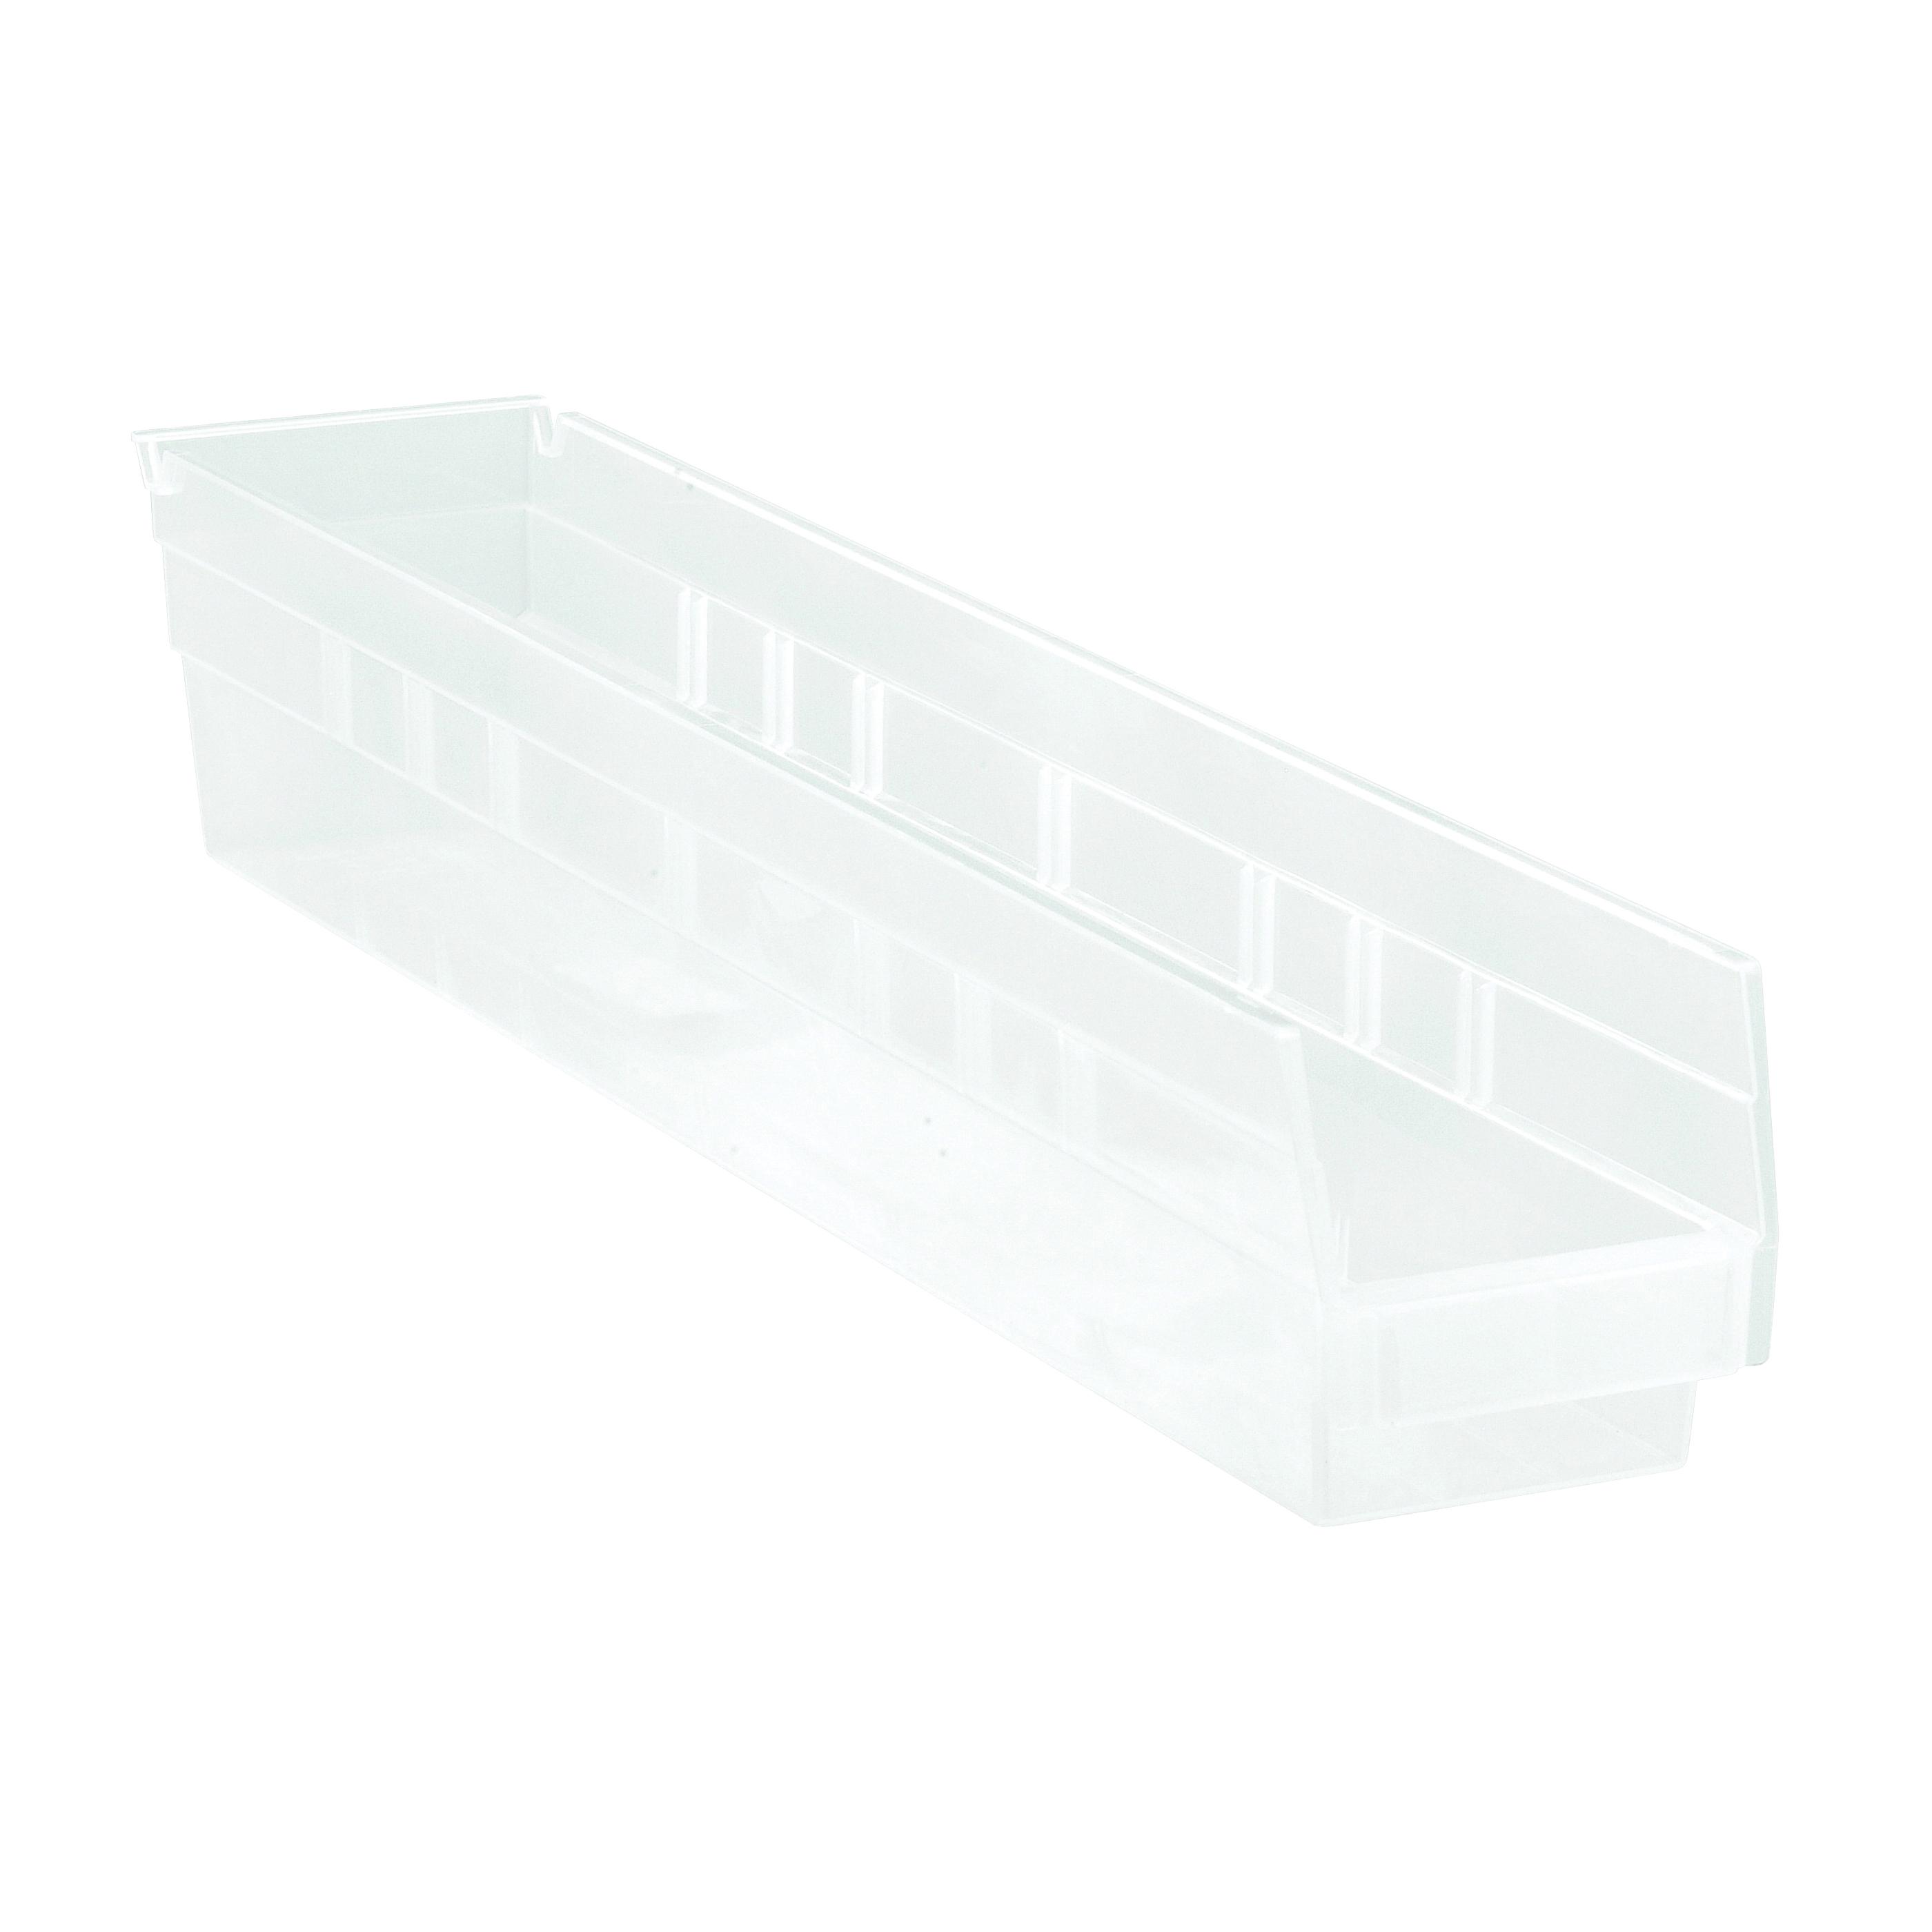 Quantum® QSB105CL Economy Shelf Bin, 23-5/8 in L x 4-1/8 in W x 4 in H, 0.15 cu-ft, Clear